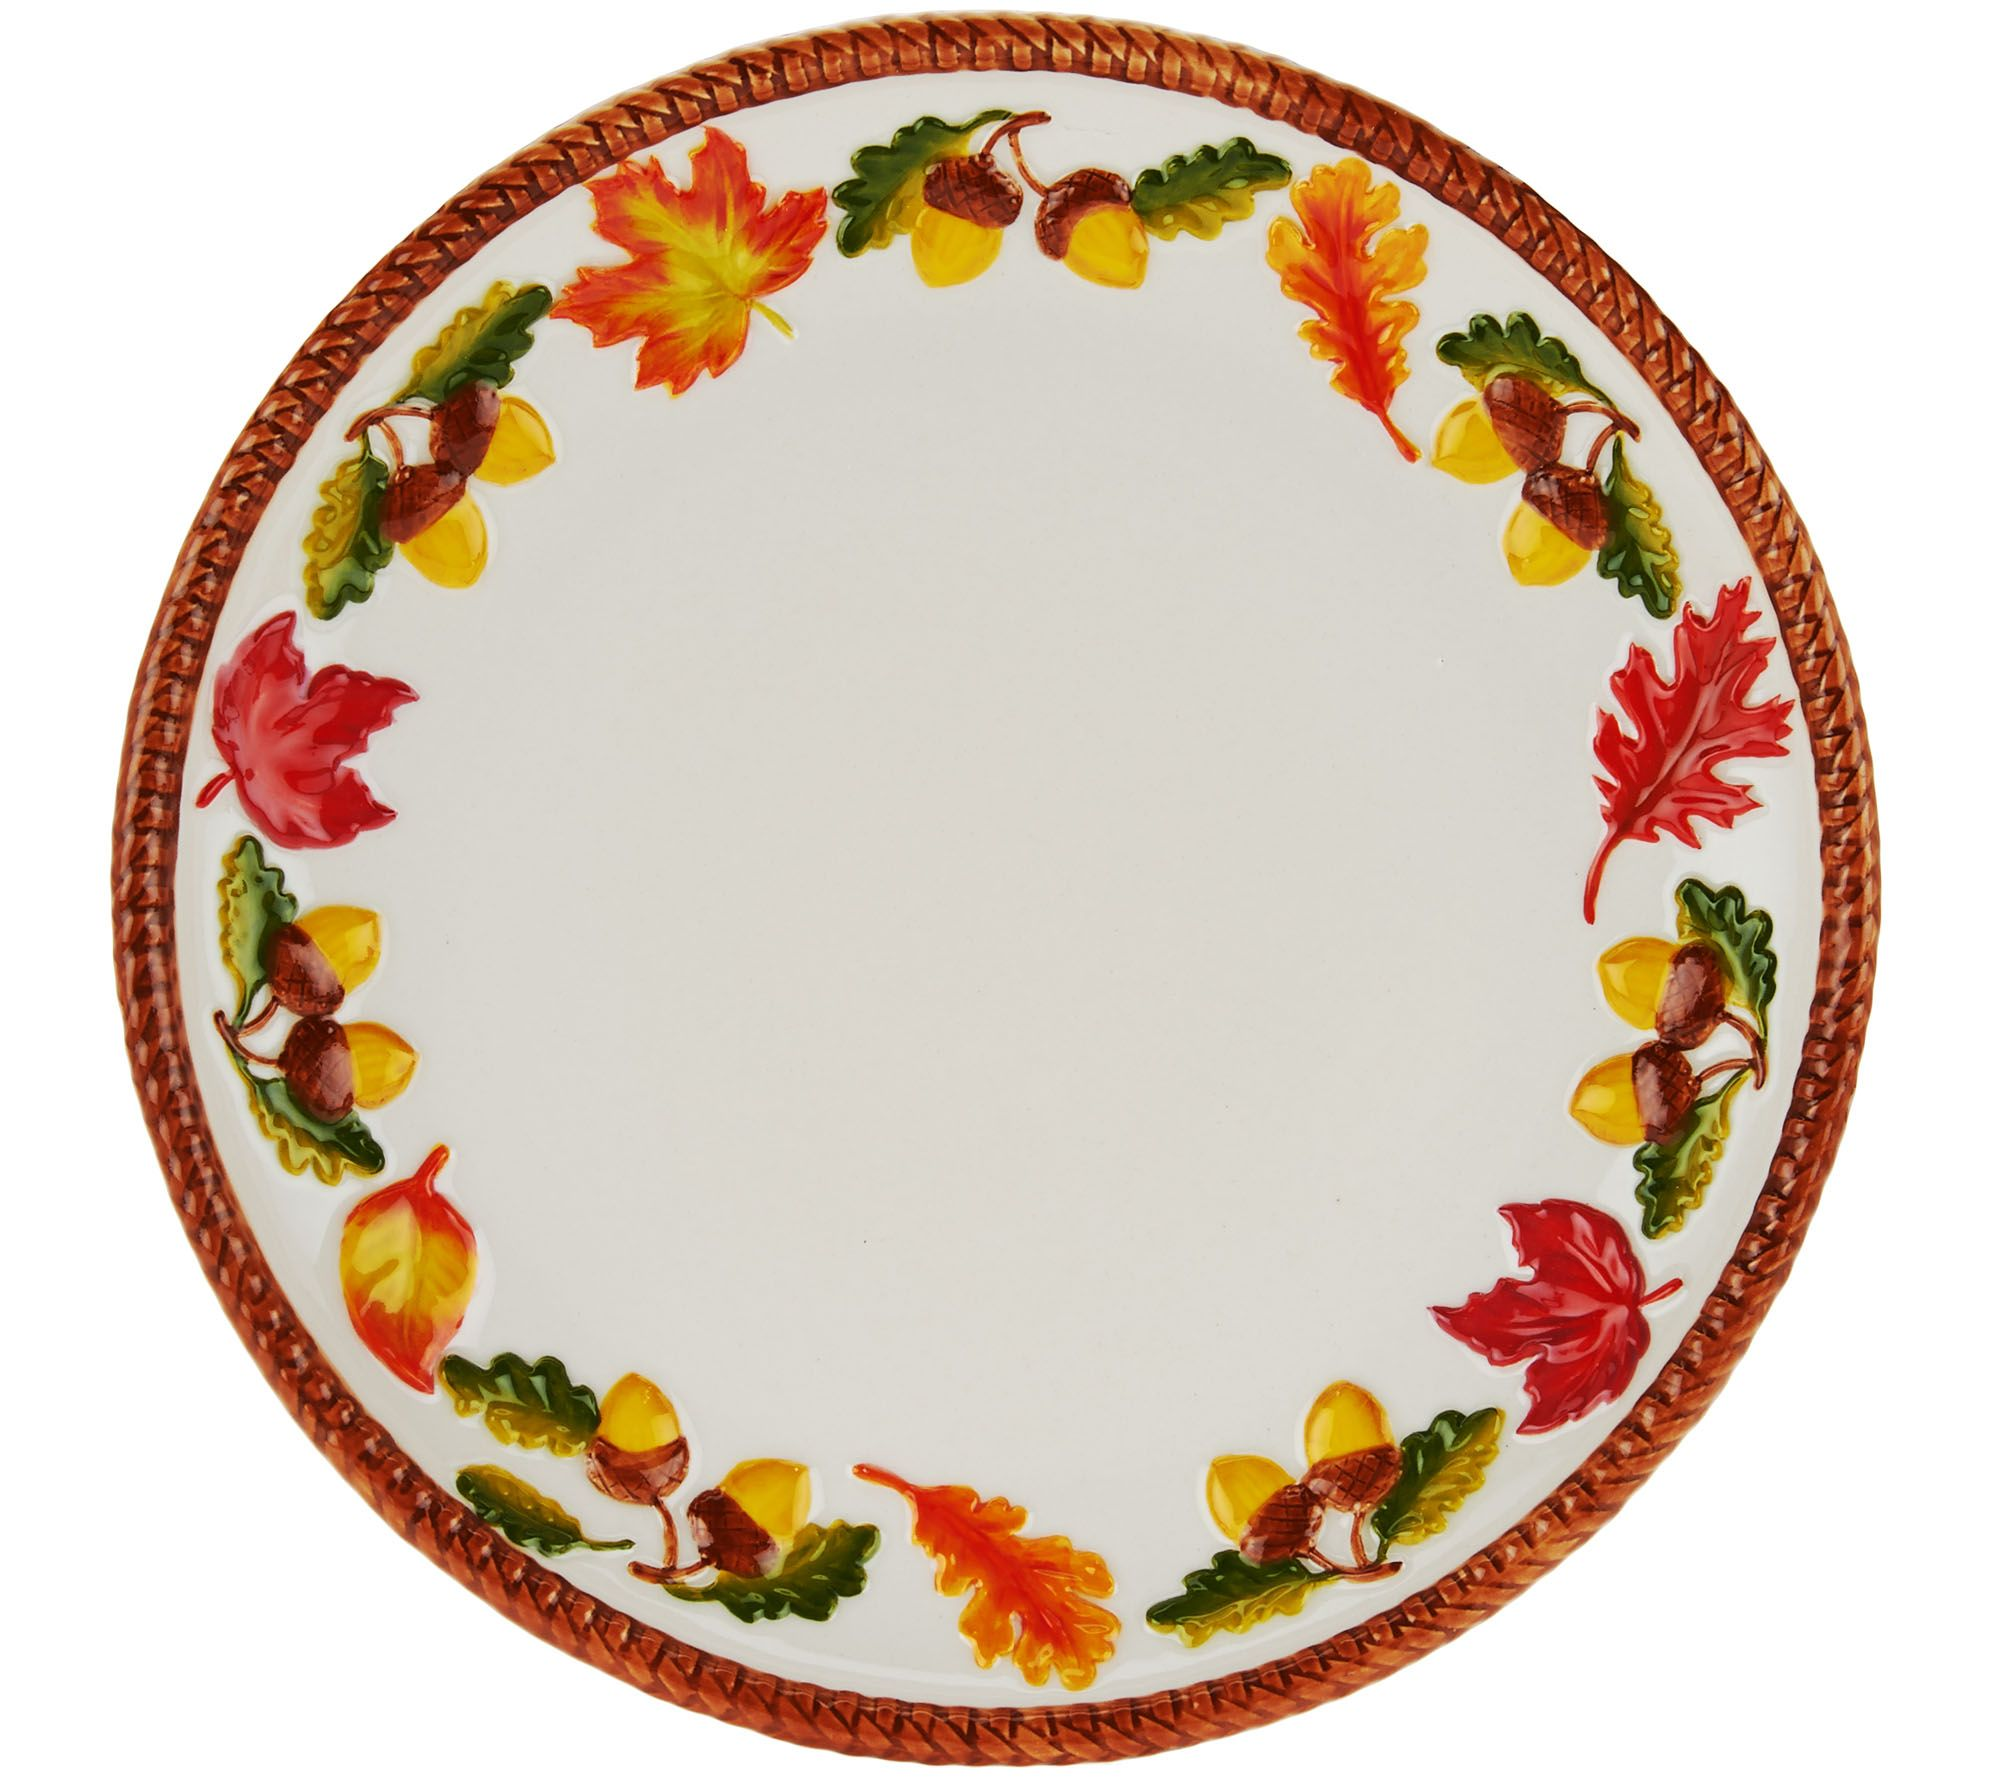 sc 1 st  QVC.com & Temp-tations Pumpkin or Harvest 16pc Dinnerware Set - Page 1 \u2014 QVC.com